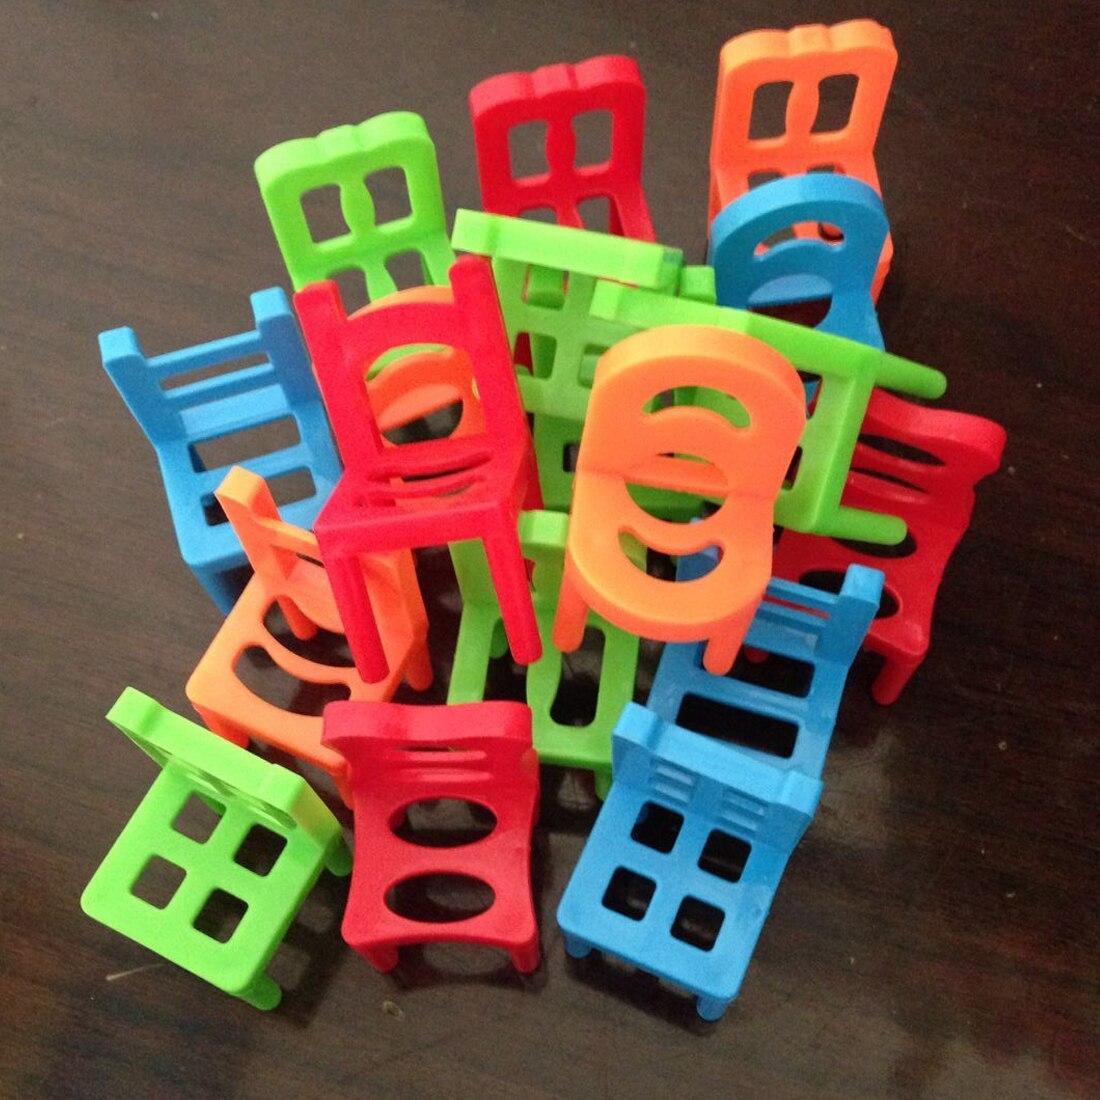 18 Teile/satz Bord Spiel Balance Stühle Kinder Pädagogisches Balance Stapeln Stühle Spielzeug Kinder Schreibtisch Puzzle Ausgleich Ausbildung Spielzeug